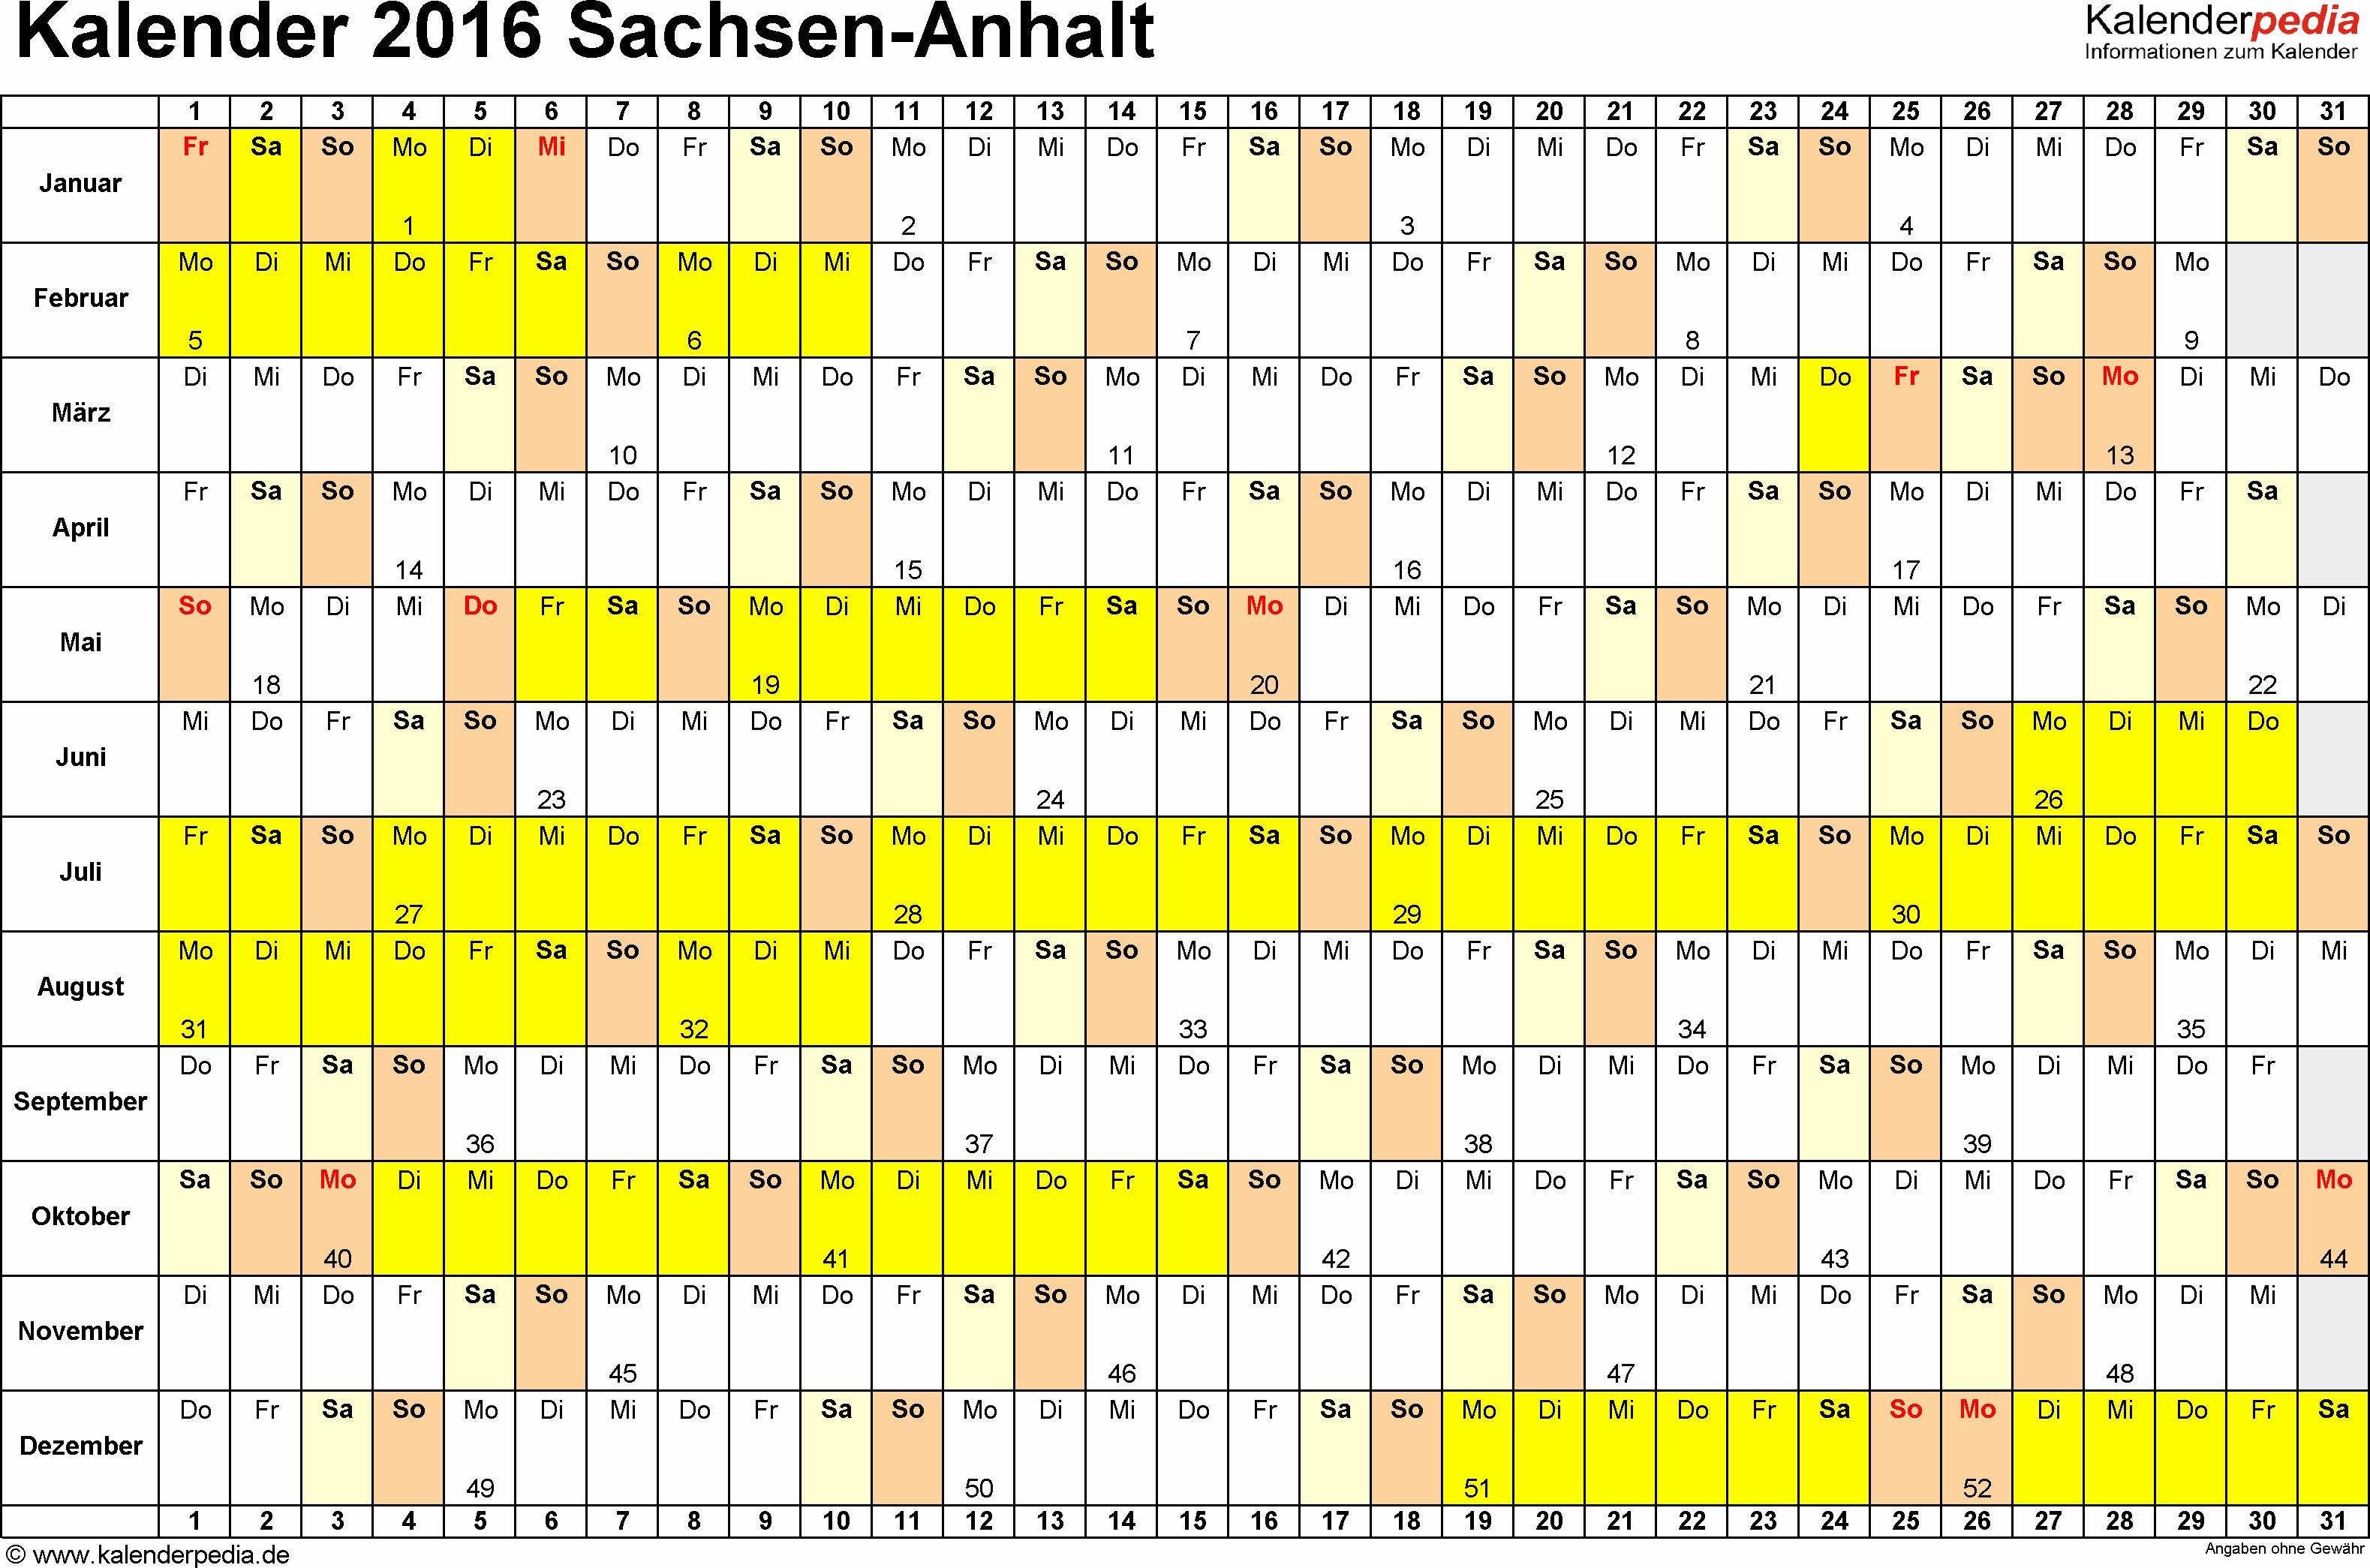 Kalenderpedia 2019 Pdf Recientes Urlaubsplaner 2017 Zum Ausdrucken Typen Kalender 2018 Bayern Ferien